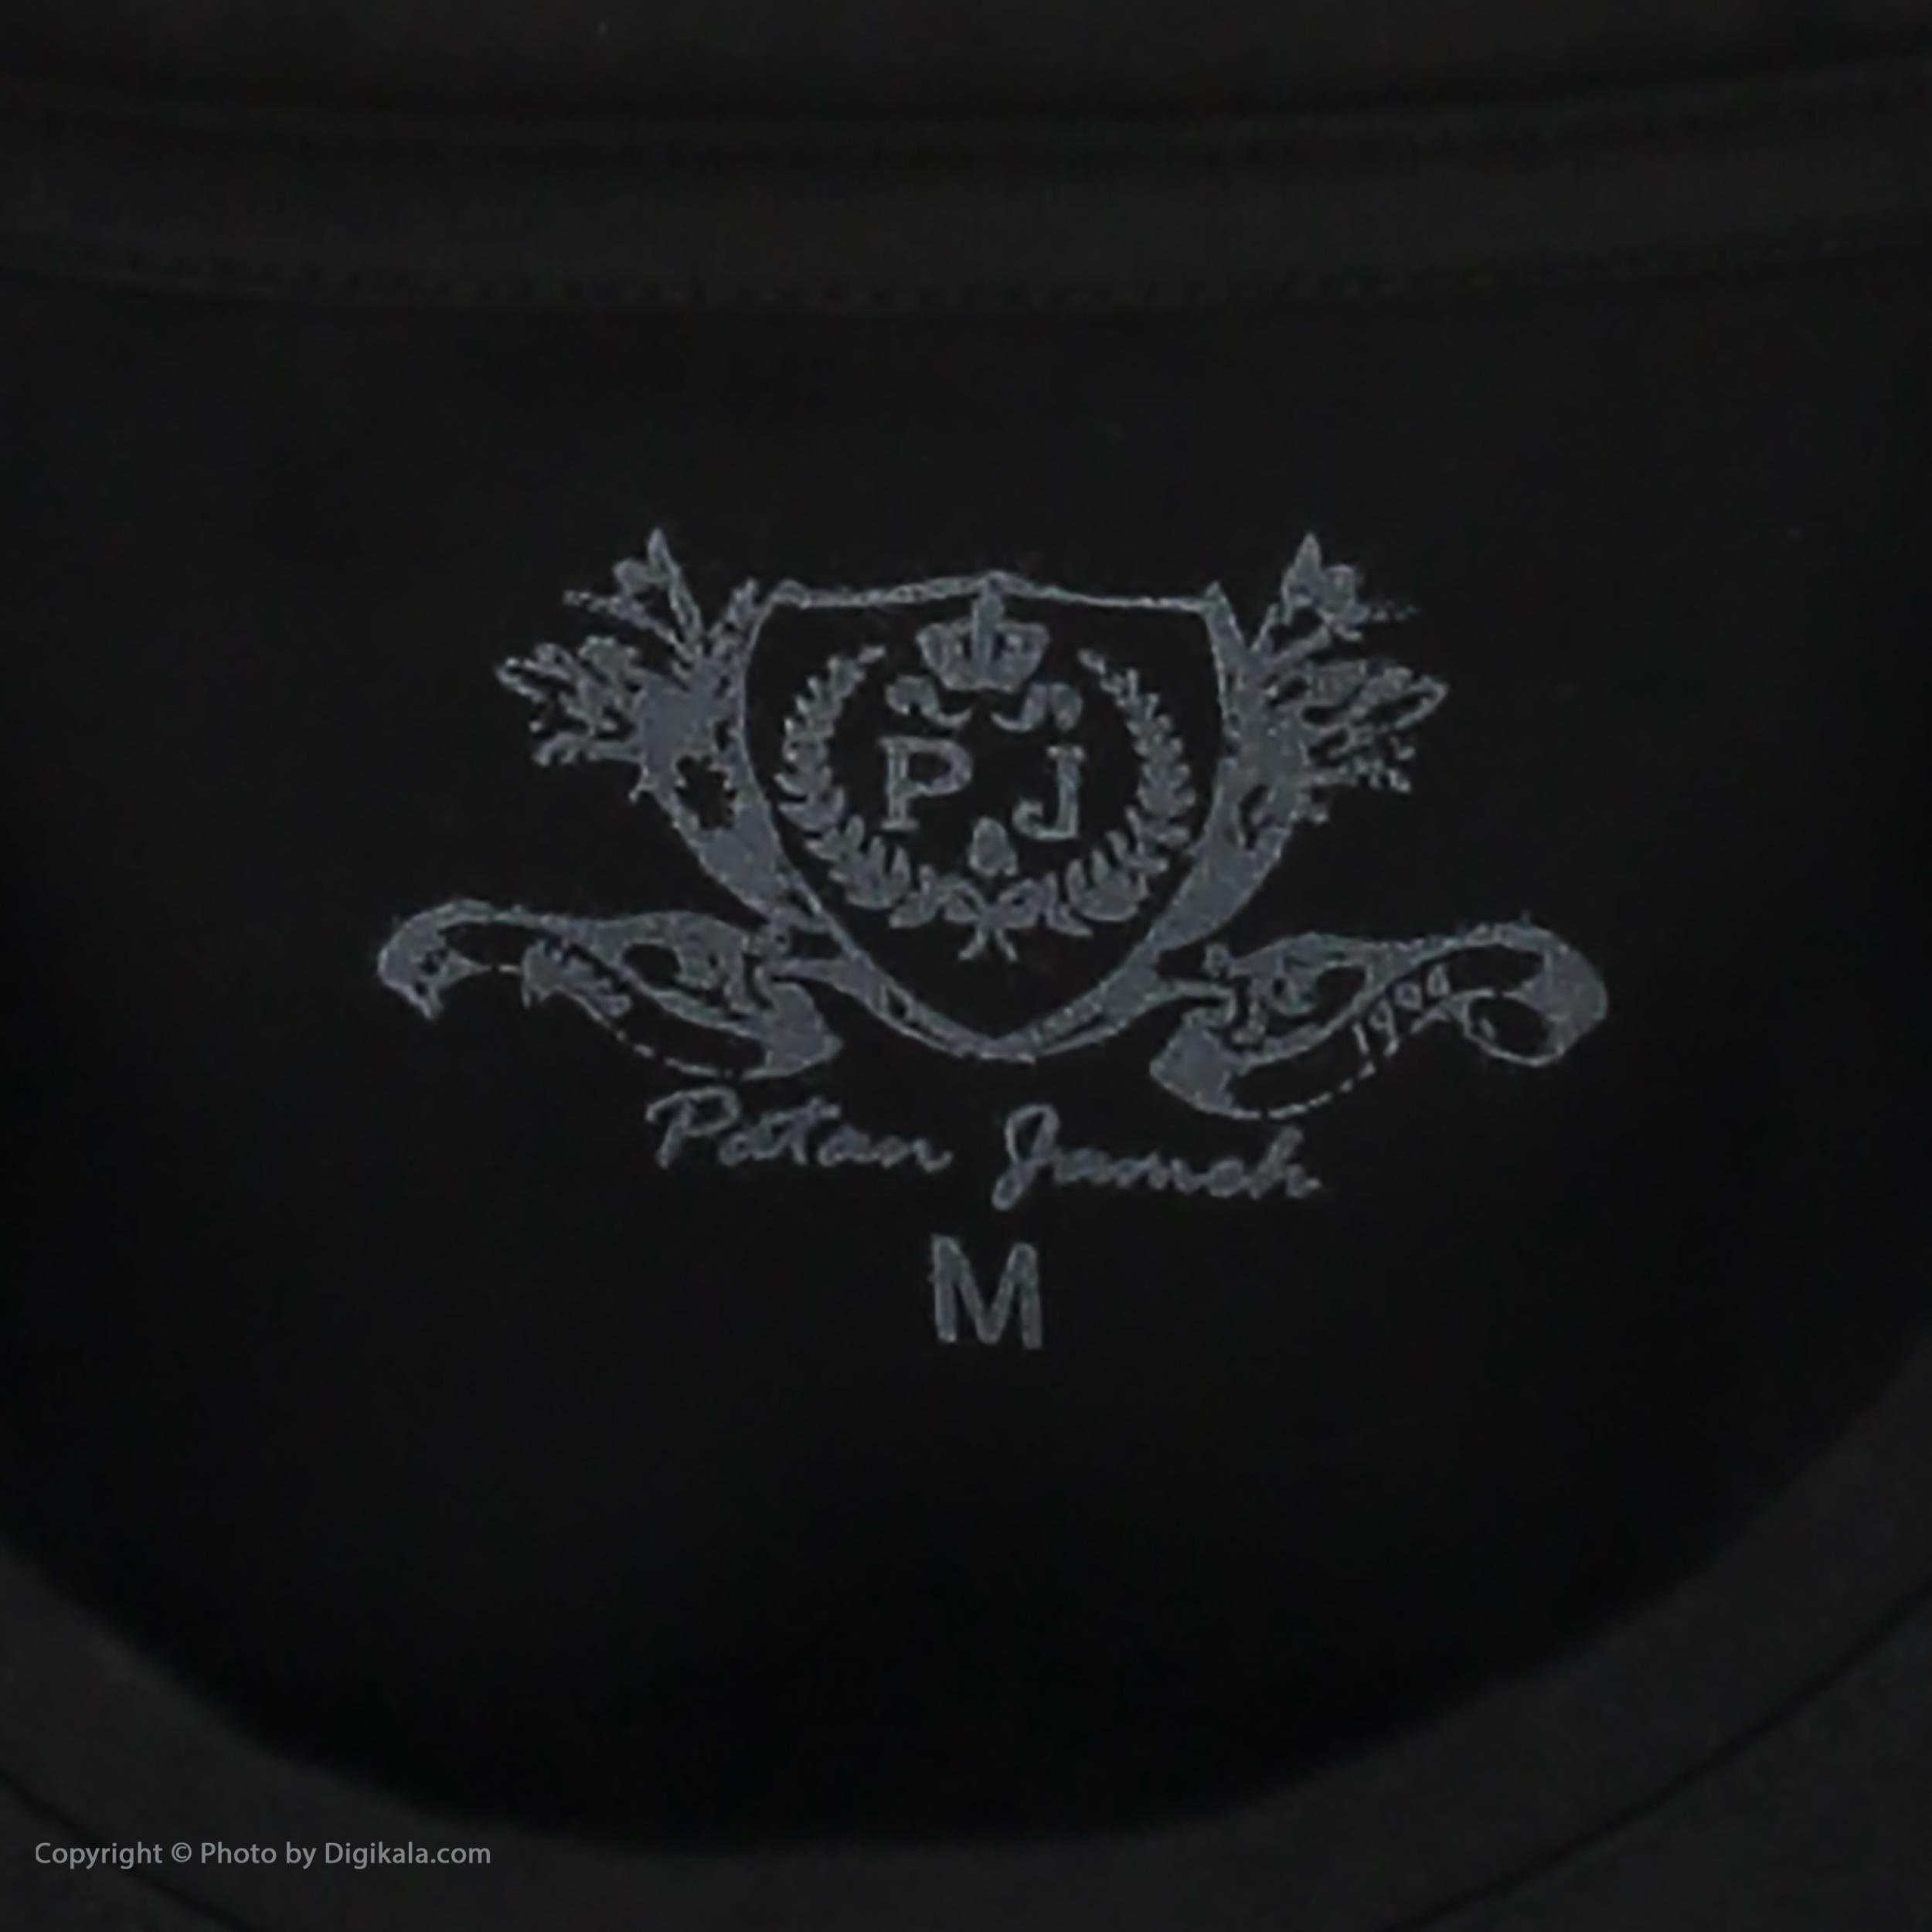 تی شرت مردانه پاتن جامه مدل 99M5224 رنگ مشکی -  - 5